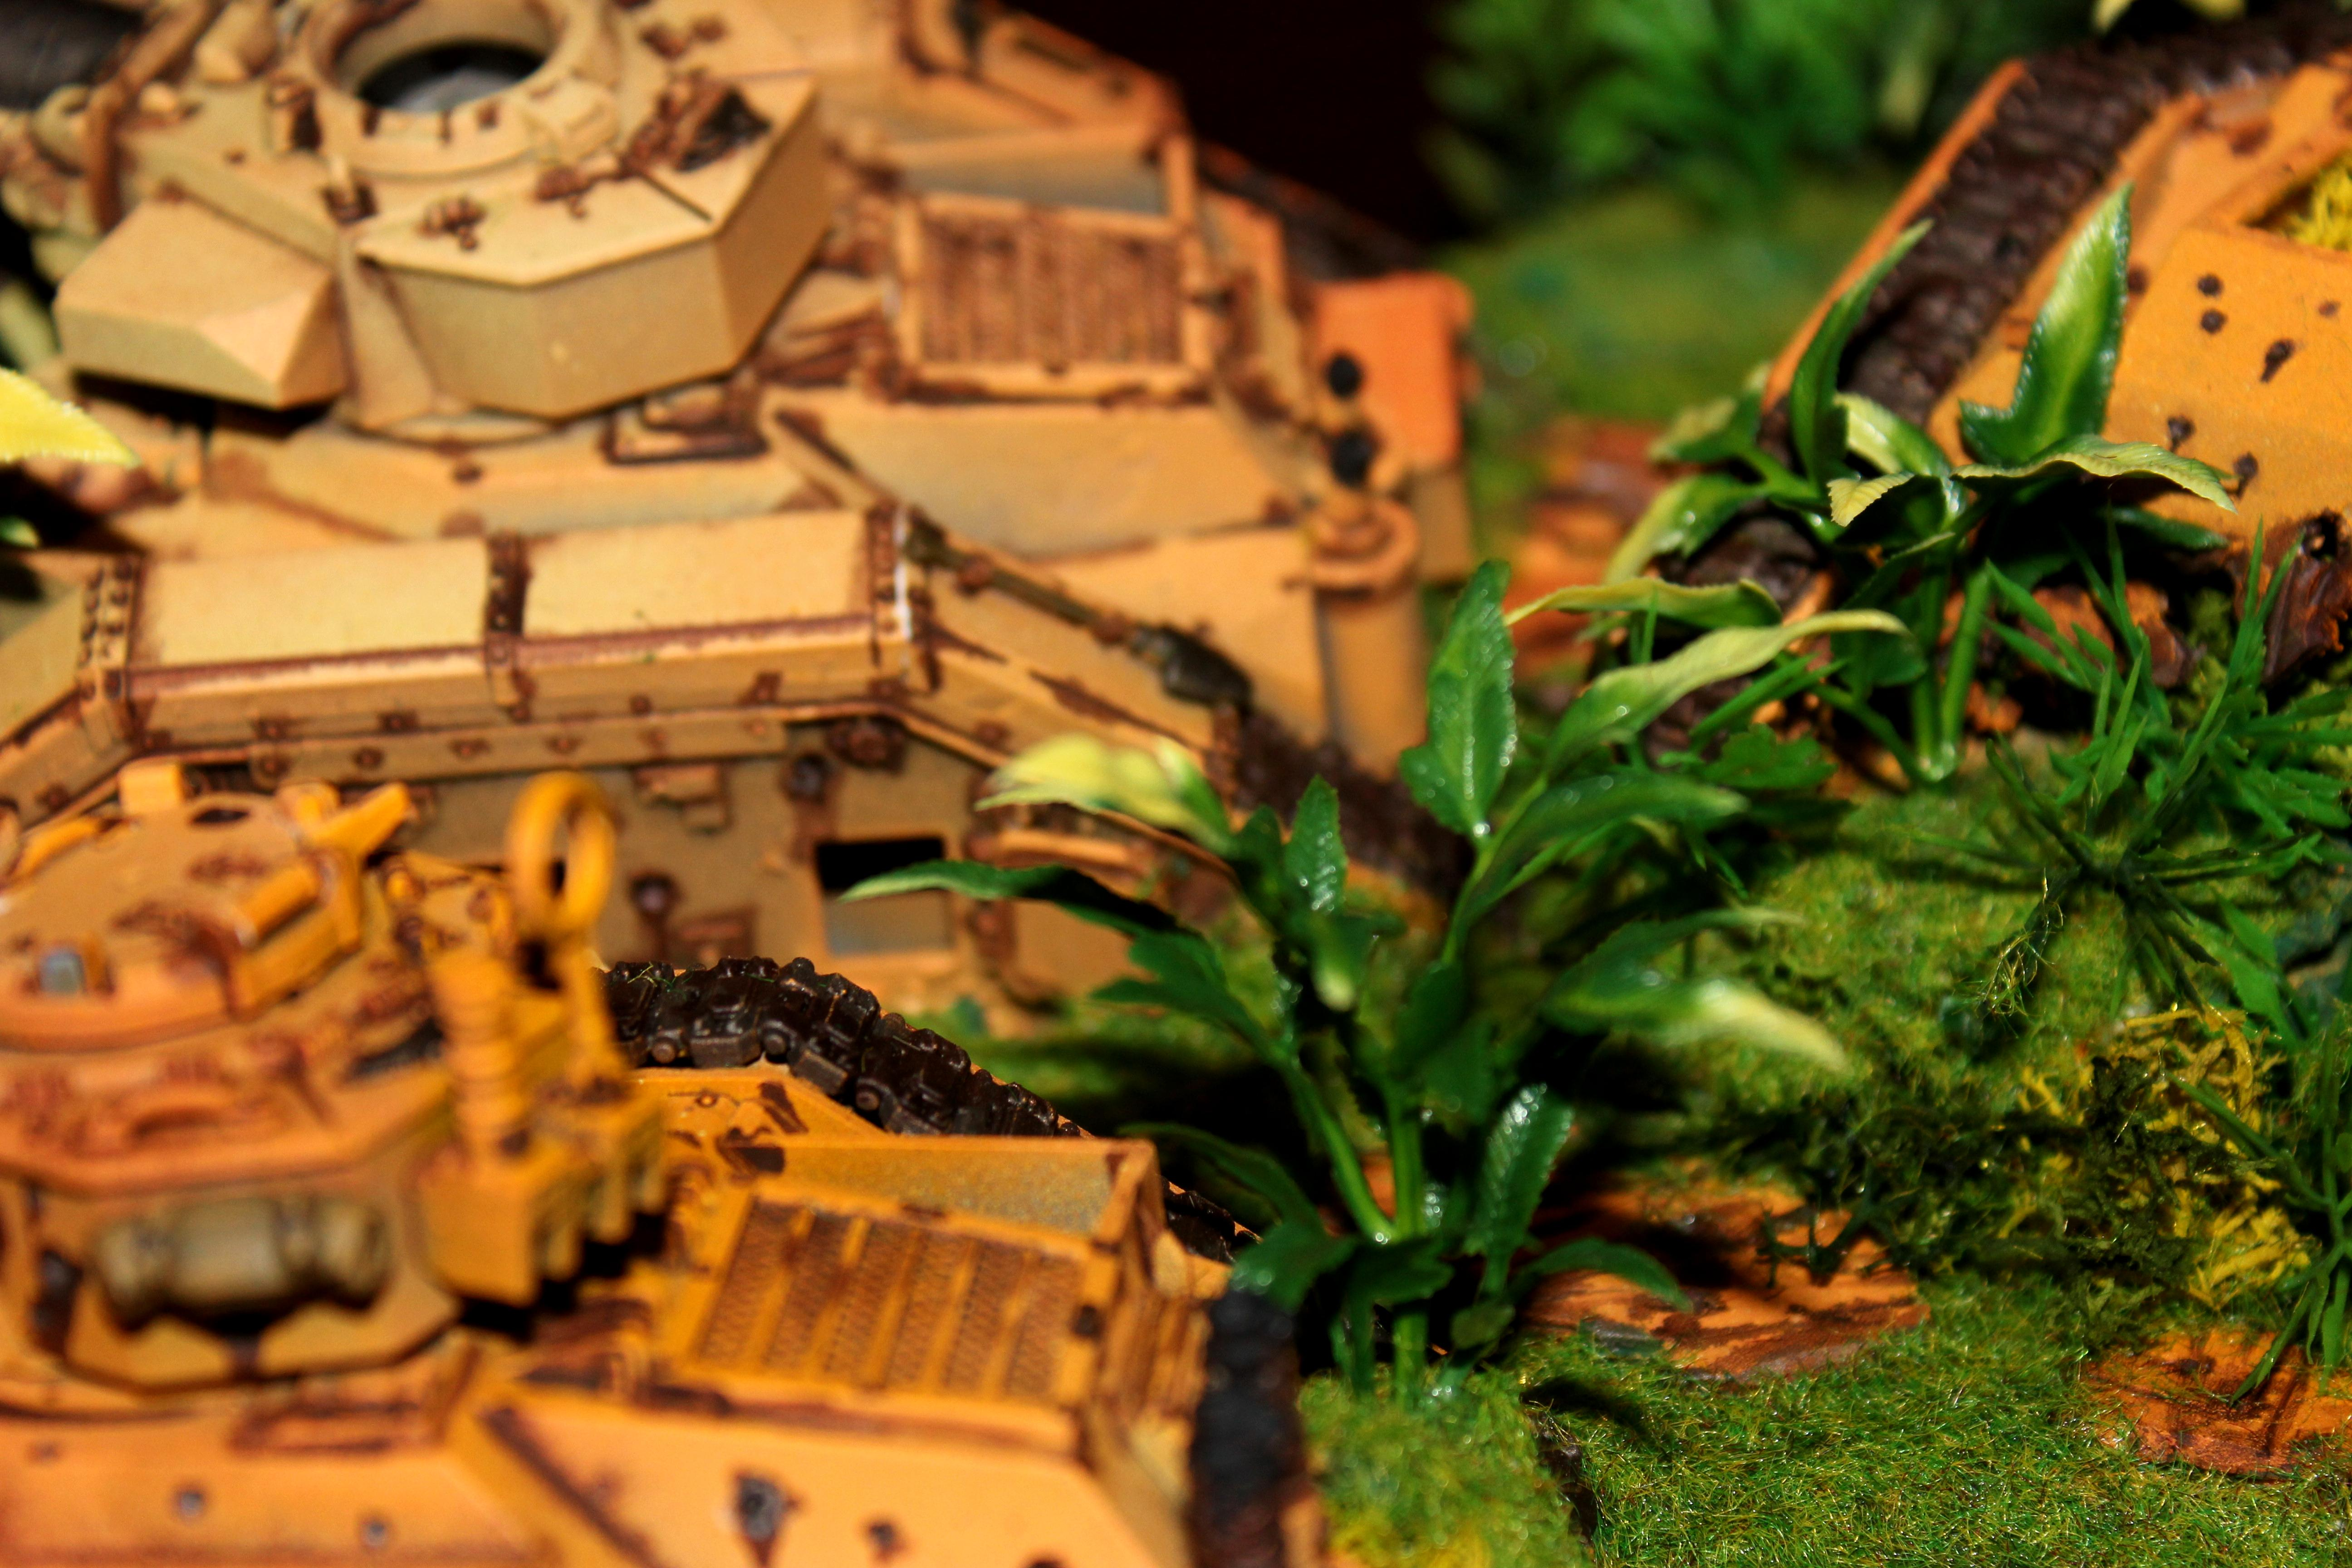 Banblade, Basilisk, Catachan, Chimäre, Chimera, Corossion, Dschungel, Gelände, Geländestücke, Imperial Army, Jungle, Leman Russ, Rust, Tank, Terrain, Warhammer 40,000, Wrack